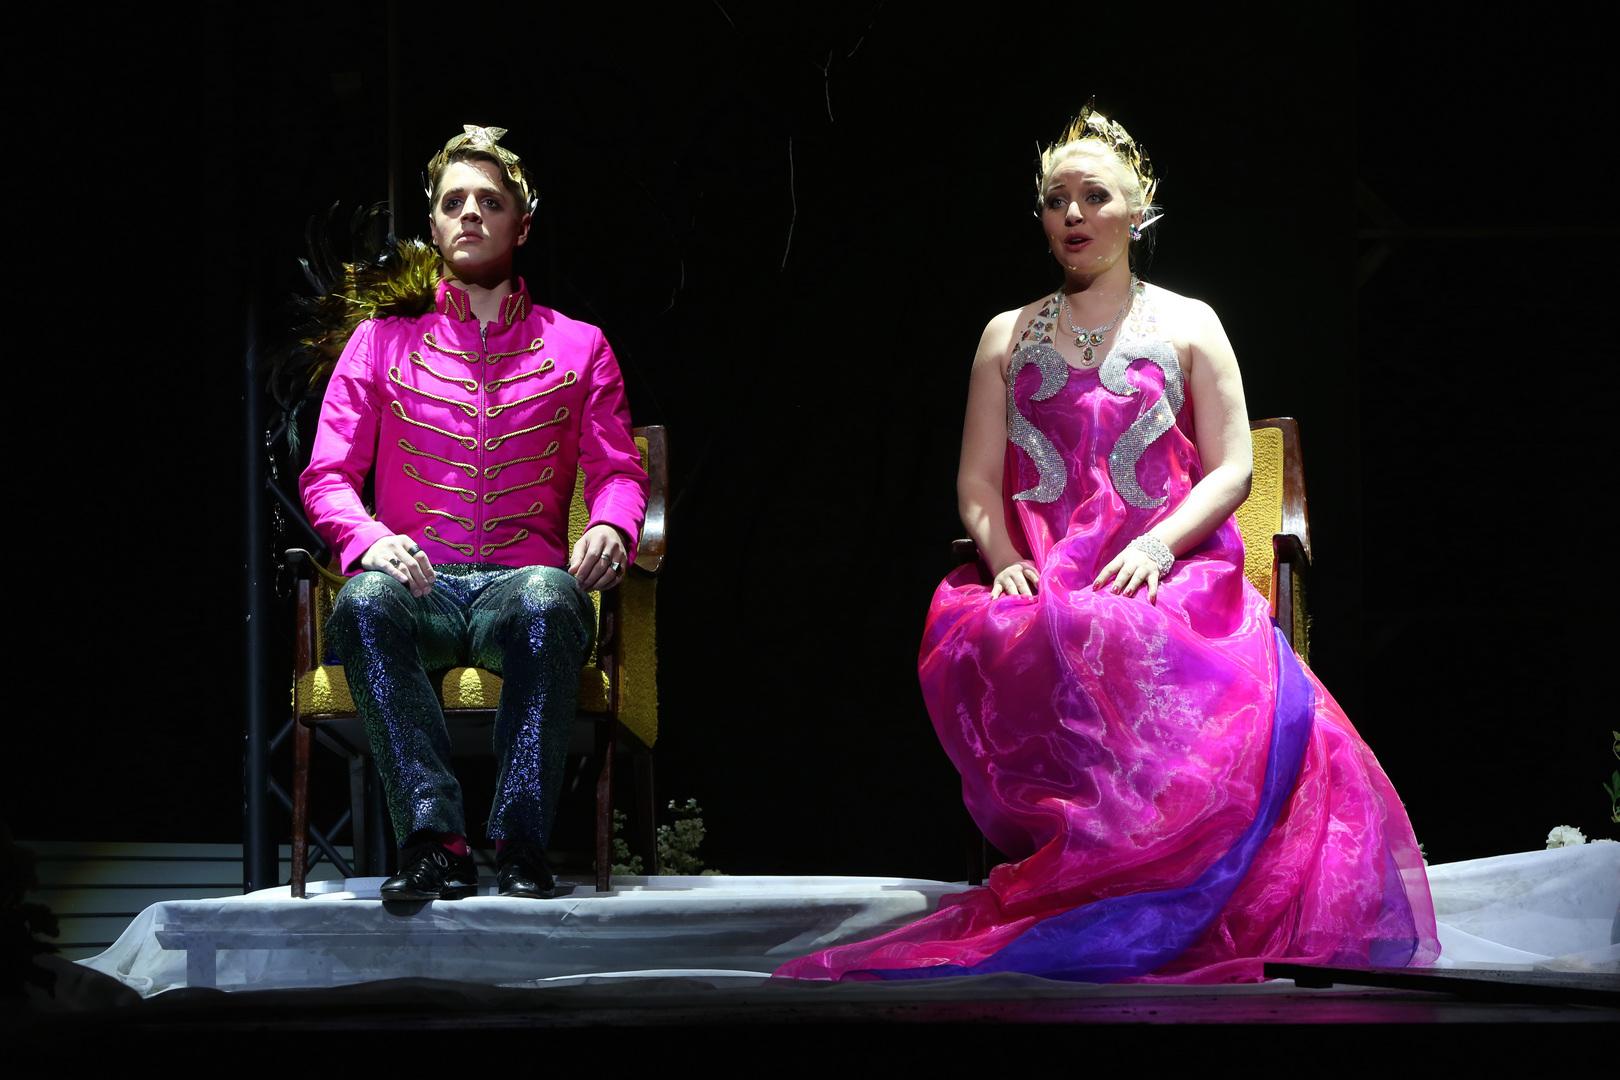 Incoronazione-di-Poppea-Opera-by-Claudio-Monteverdi-Opera-Director-Jacopo-Spirei-Oslo-2015-14